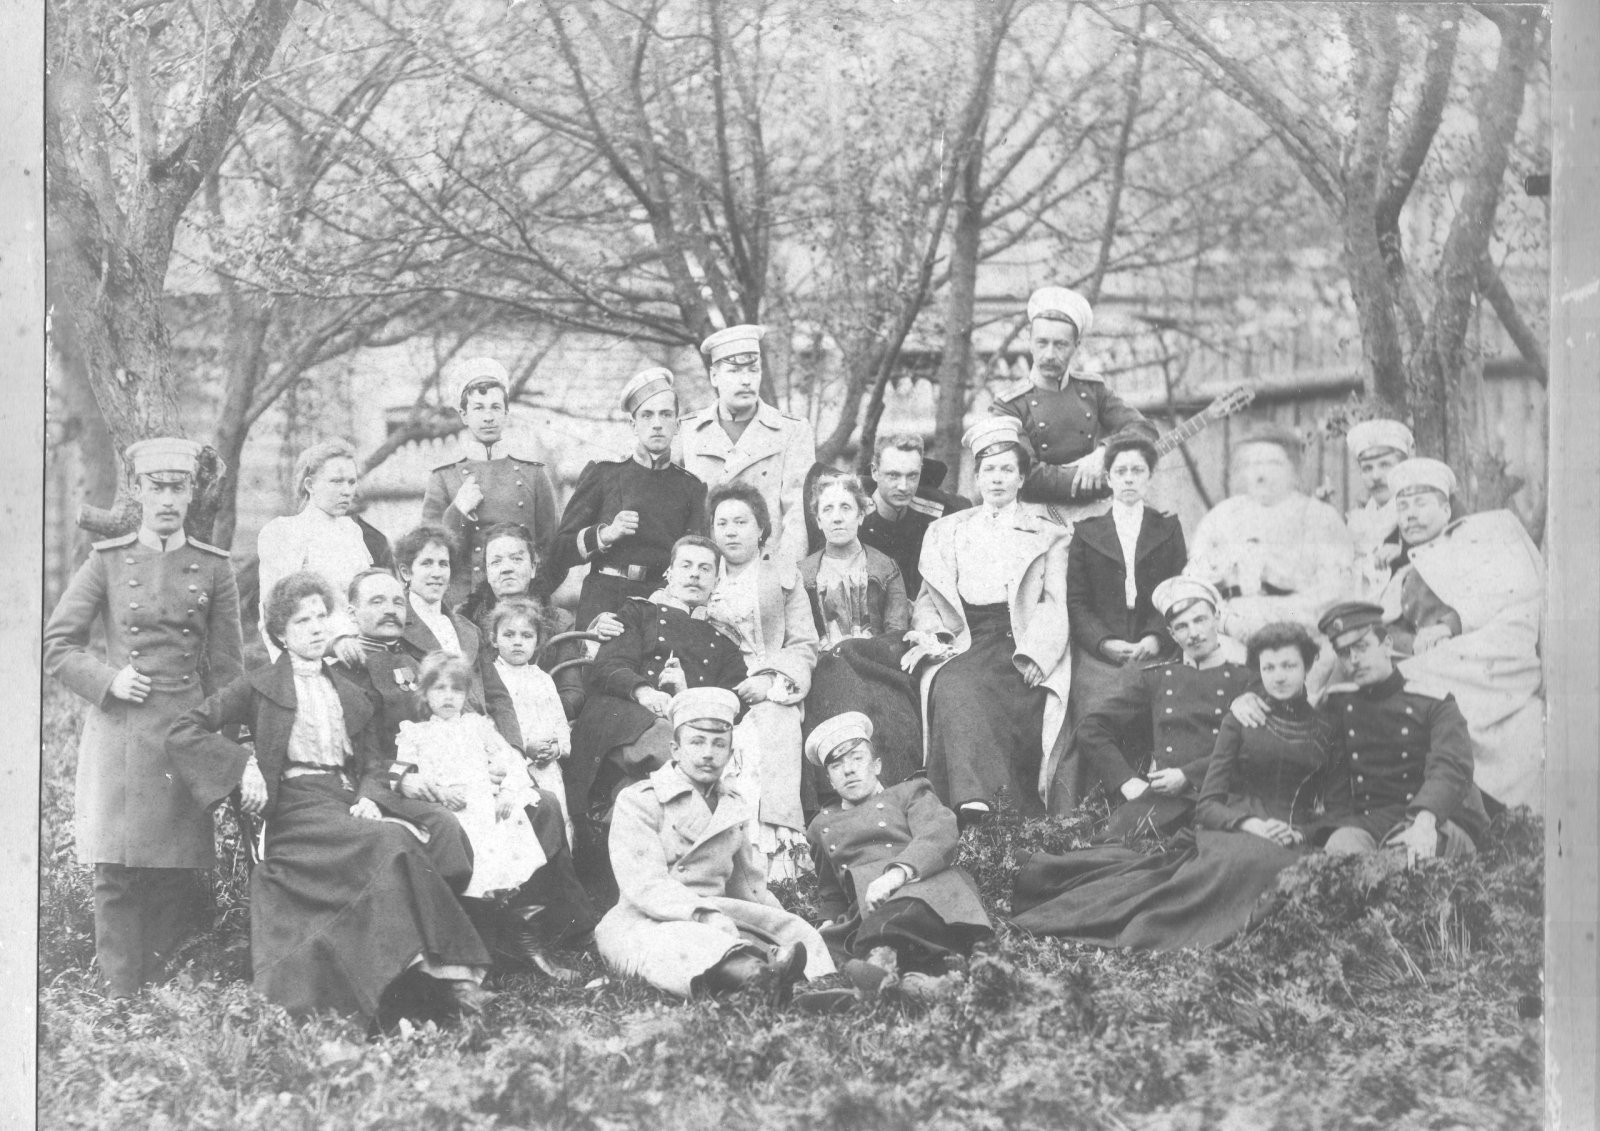 86-го пехотный Вильманстрандский полк. Офицеры полка на свадьбе Е.А. Войша (сидит с сигаретой в руке пятый слева) и А.Д. Халютиной. 1903